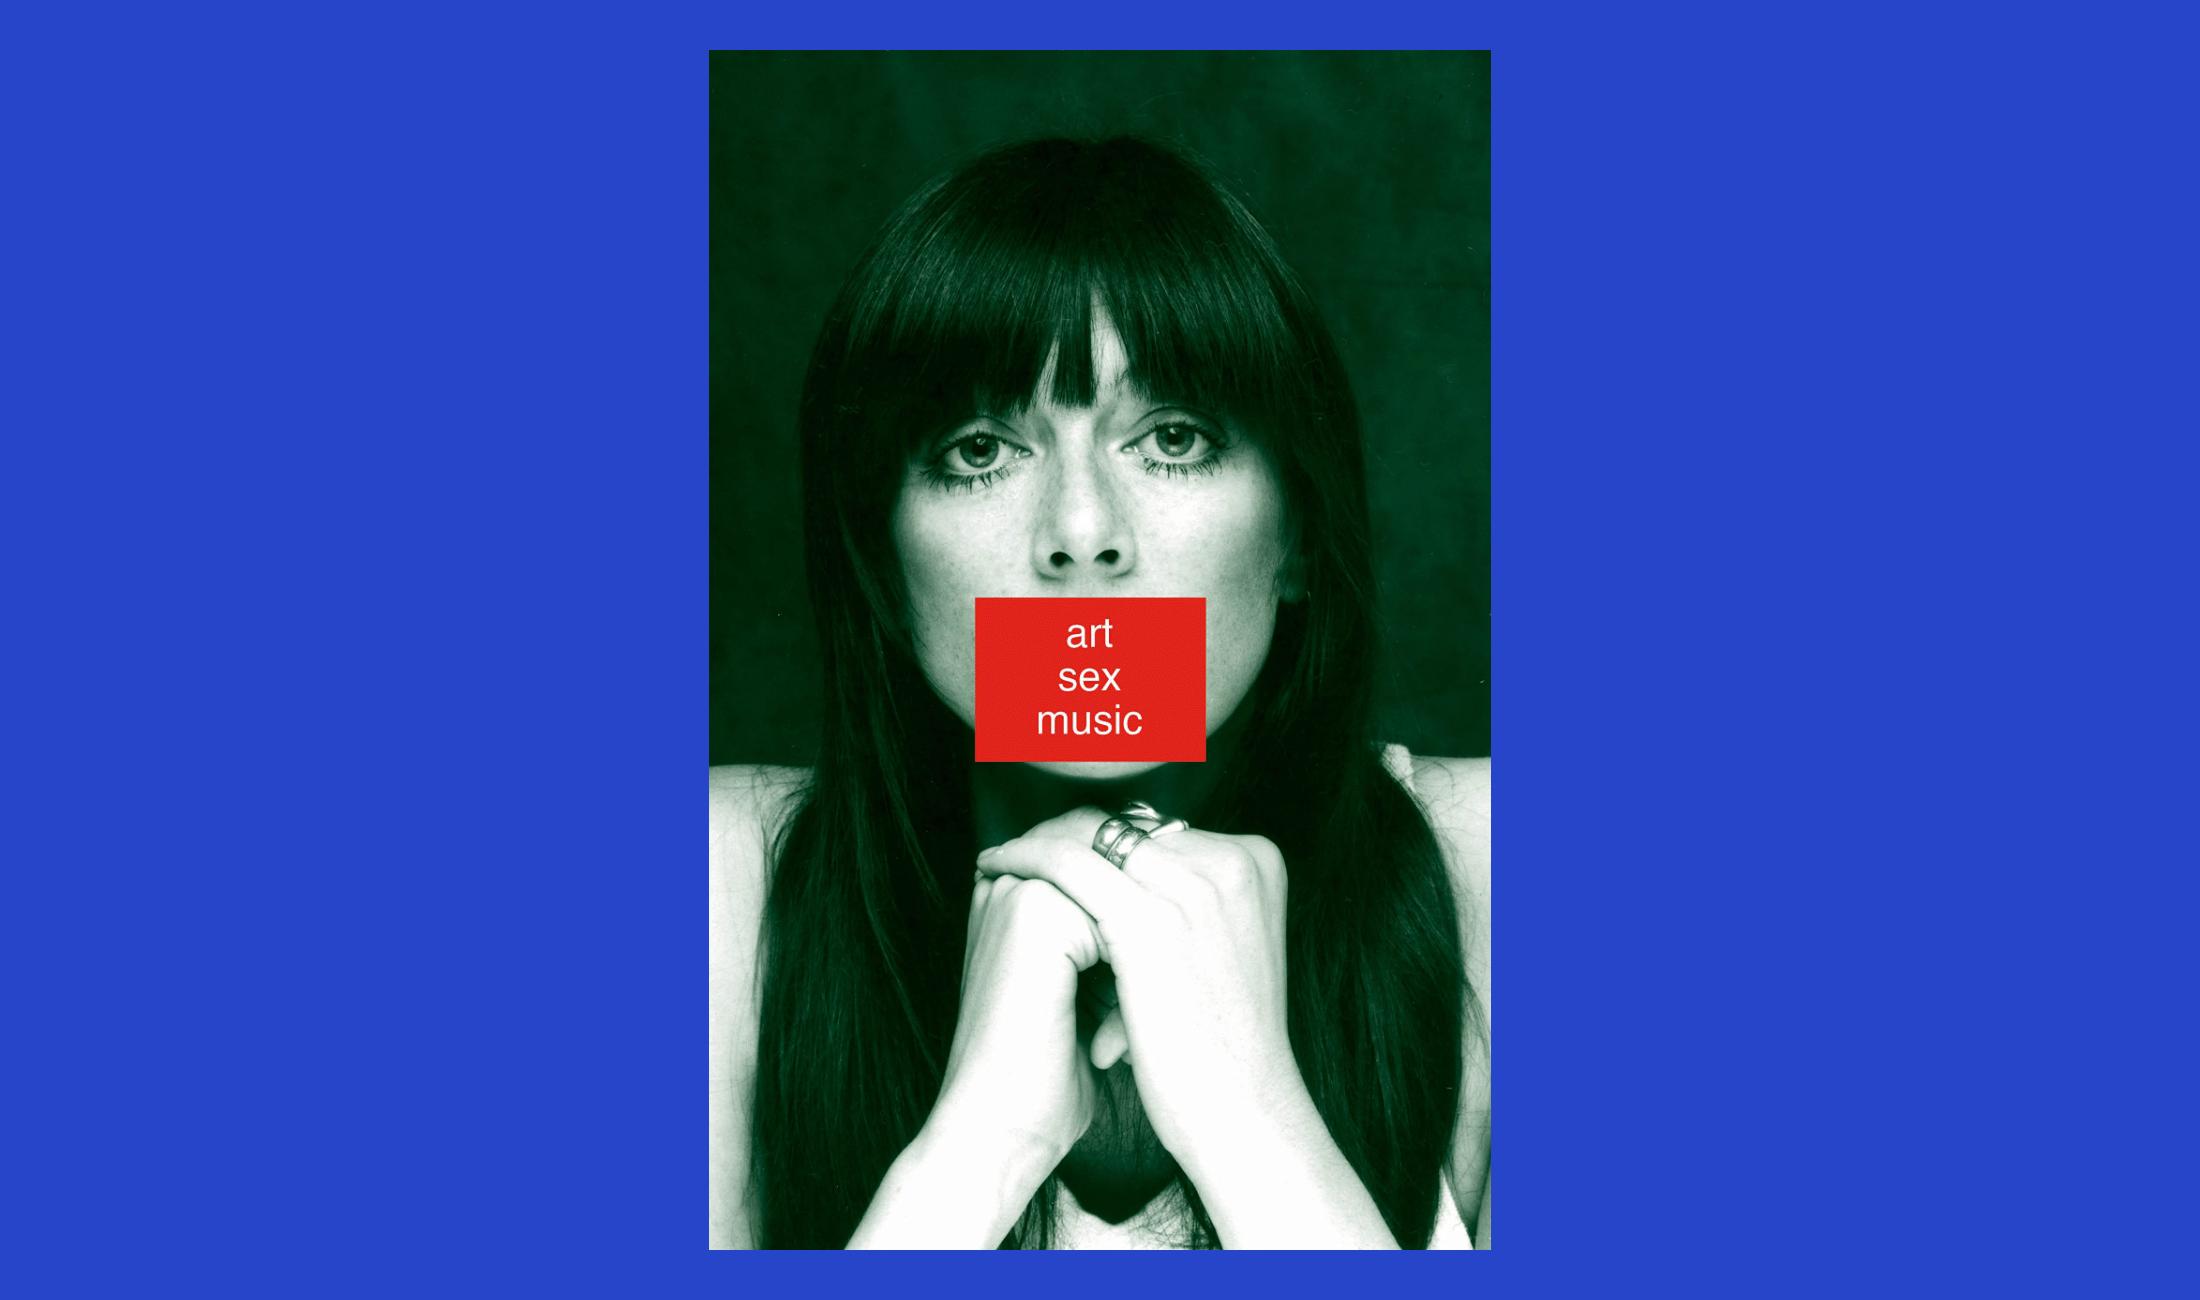 Techno Autobiographie: Art Sex Music von Cosey Fanni Tutti.